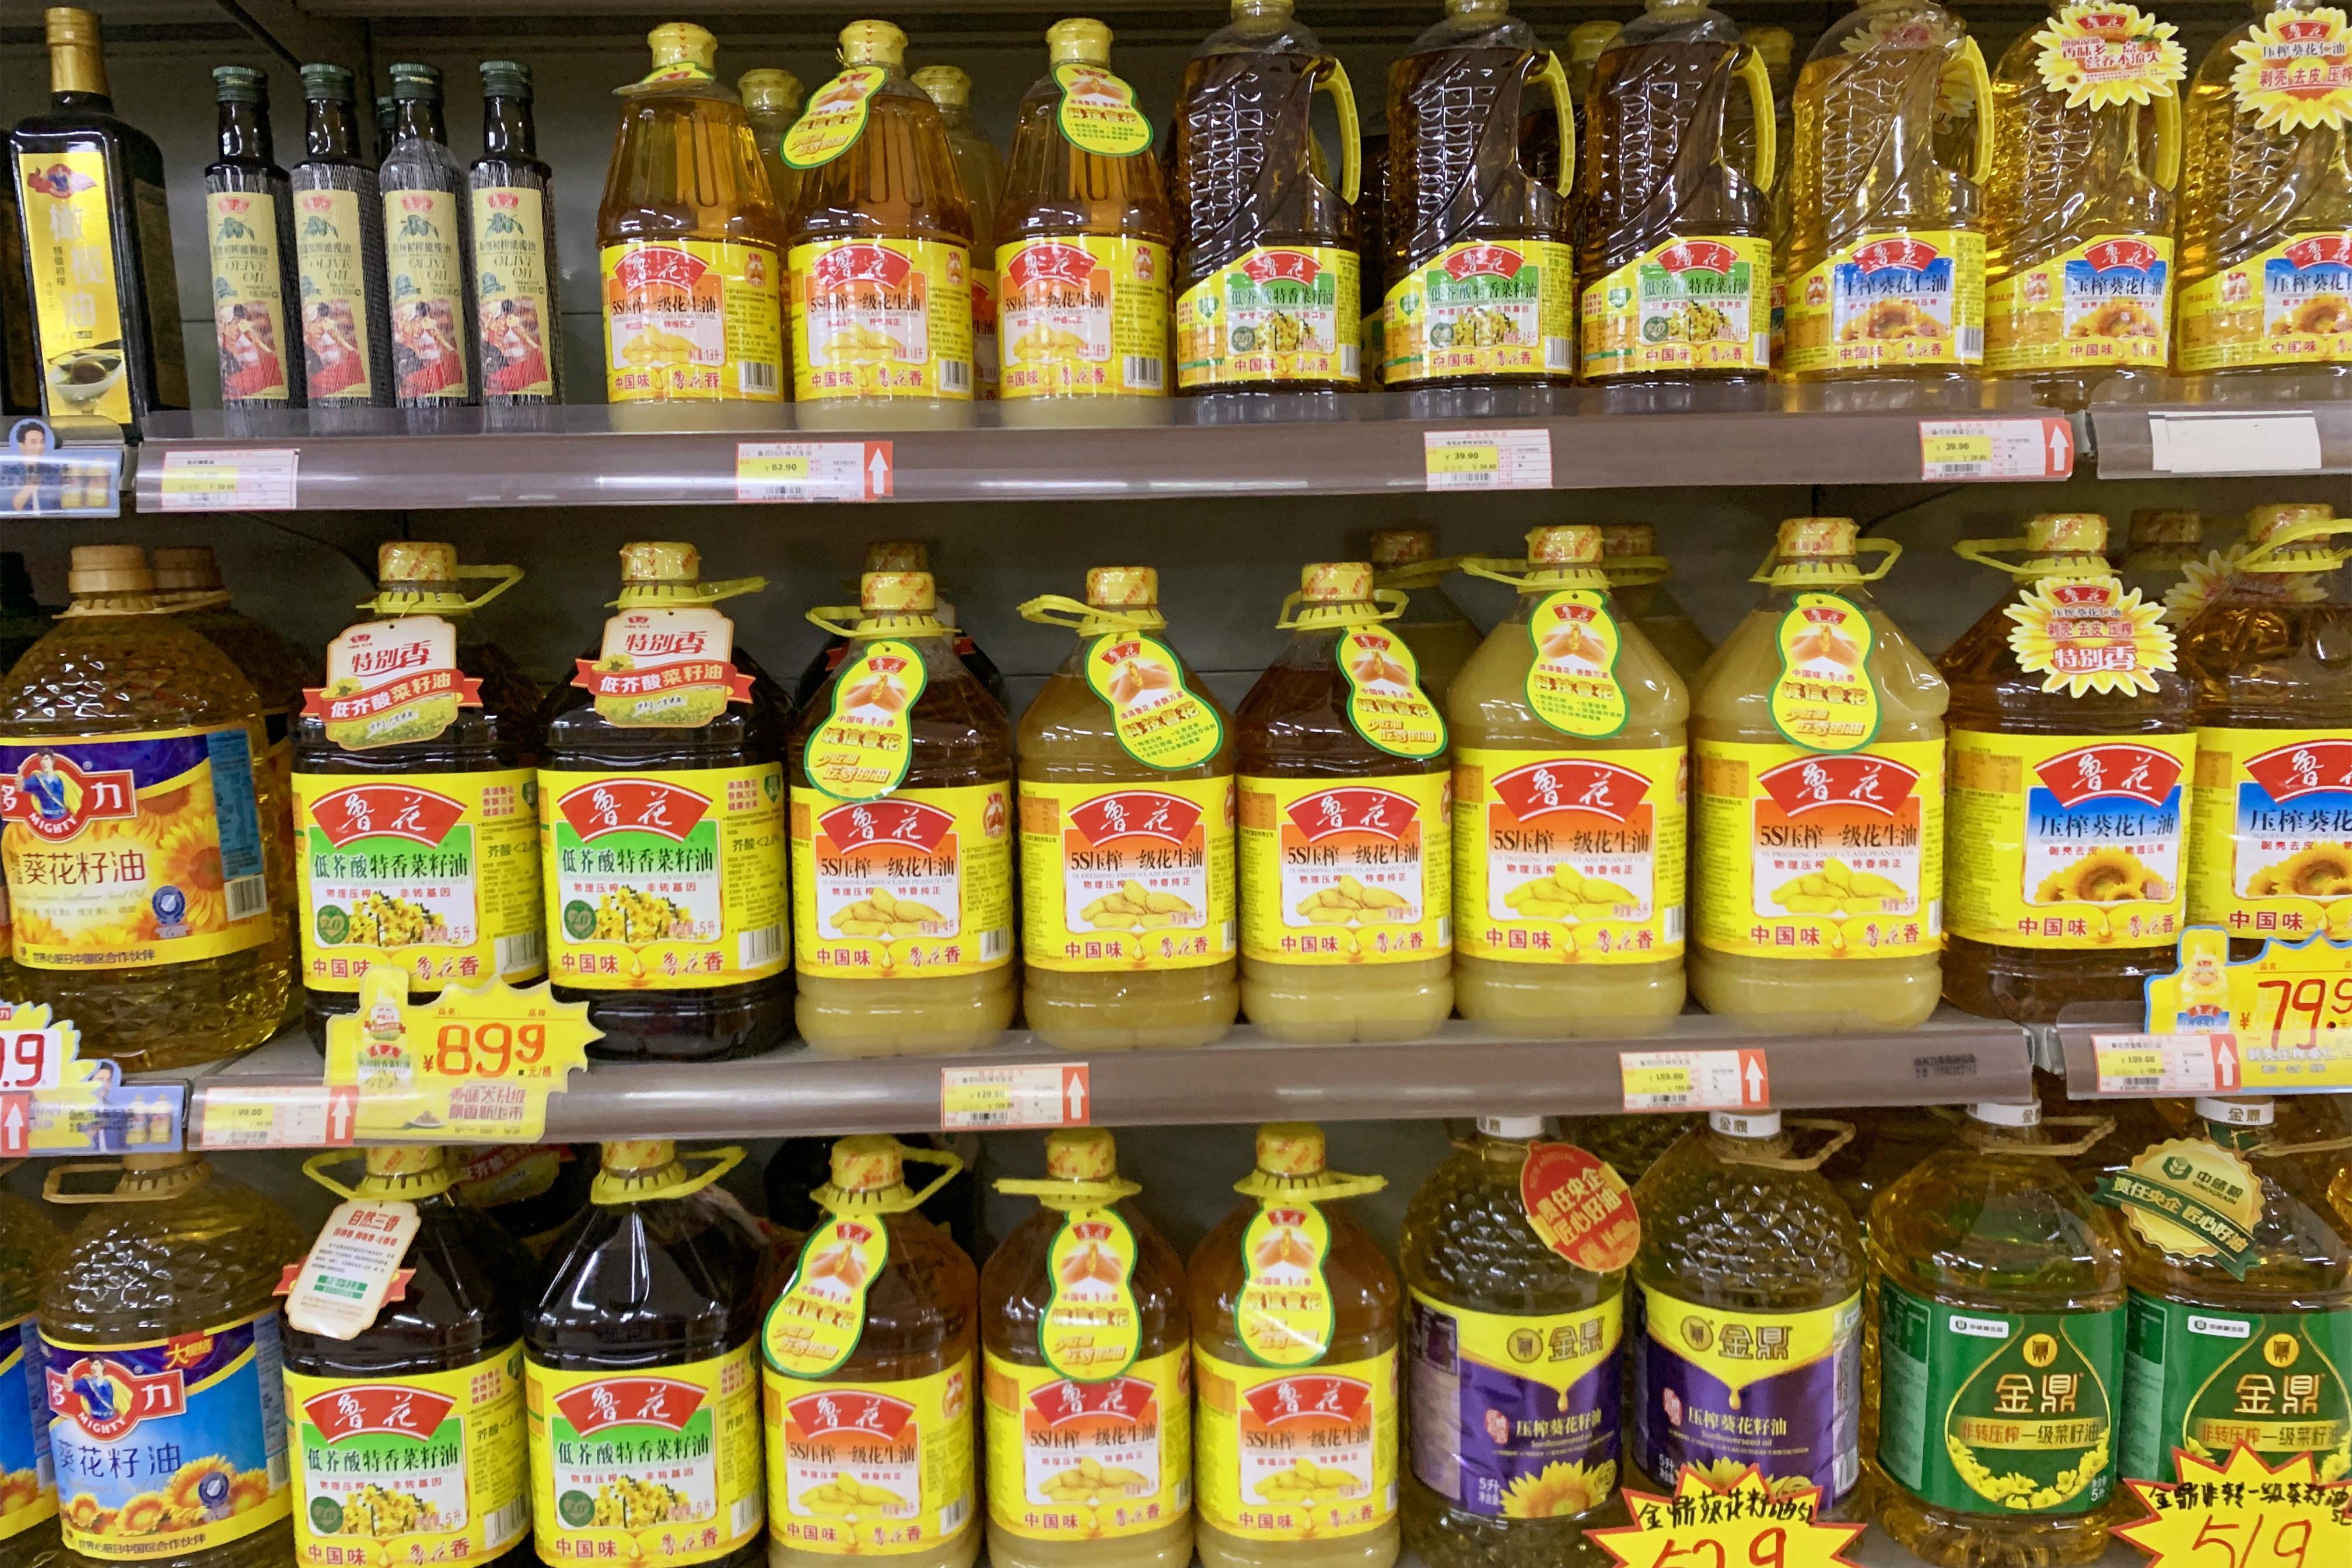 超市7种食用油选购指南,烹饪时别乱用,选对油炒菜香,油烟少